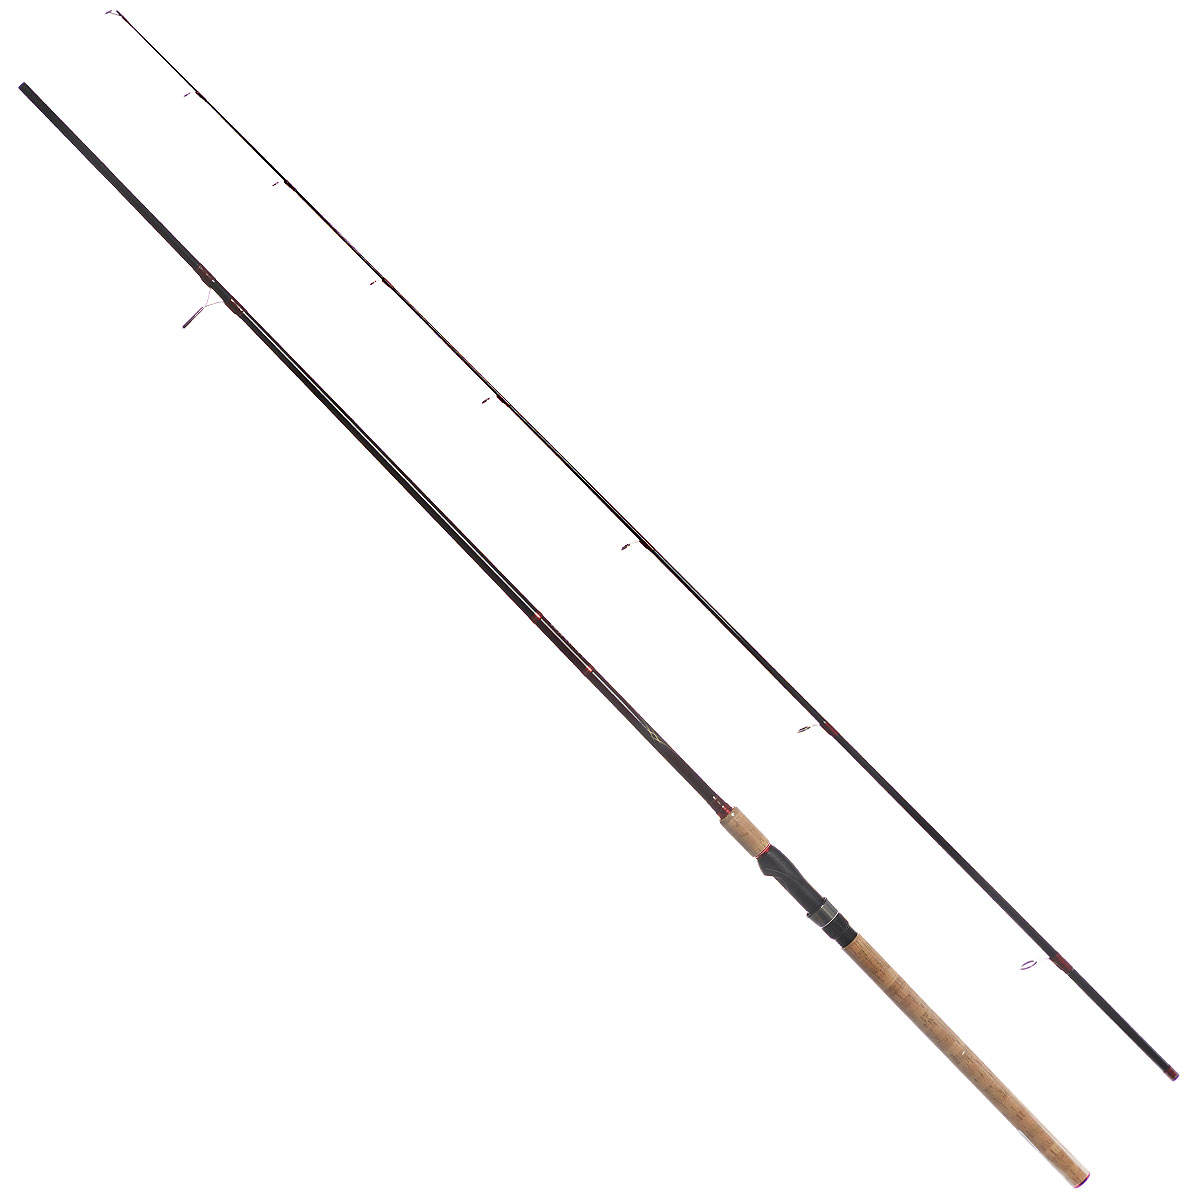 Удилище спиннинговое Daiwa Vulcan-AR, штекерное, цвет: черный, 2,74 м, 5-28 г